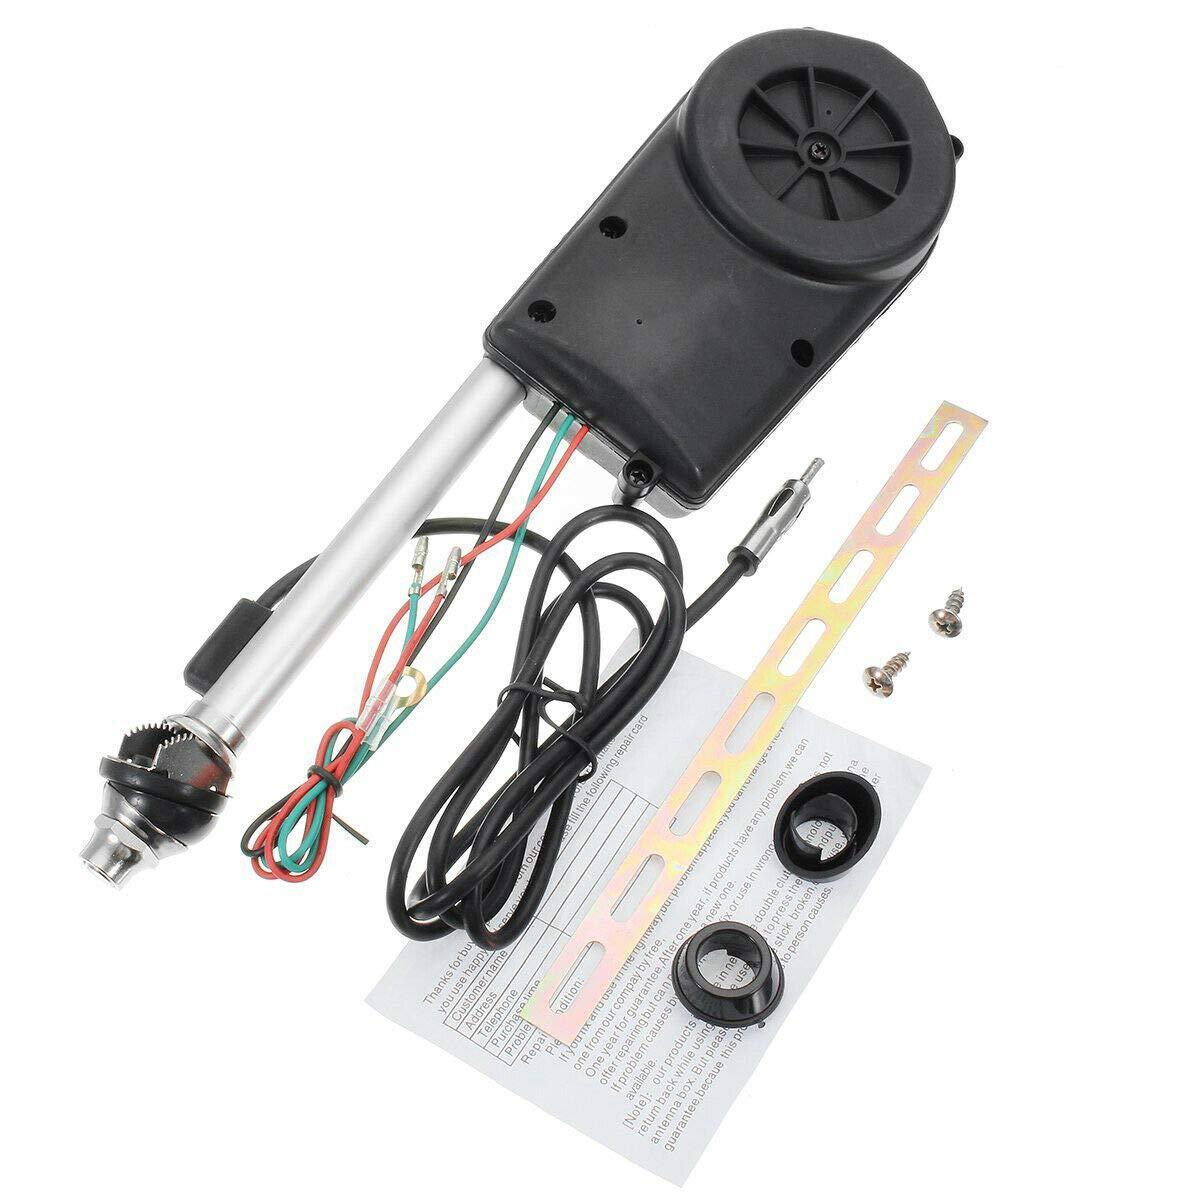 MASO Kit de montaje de antena el/éctrica para radio FM AM para coche